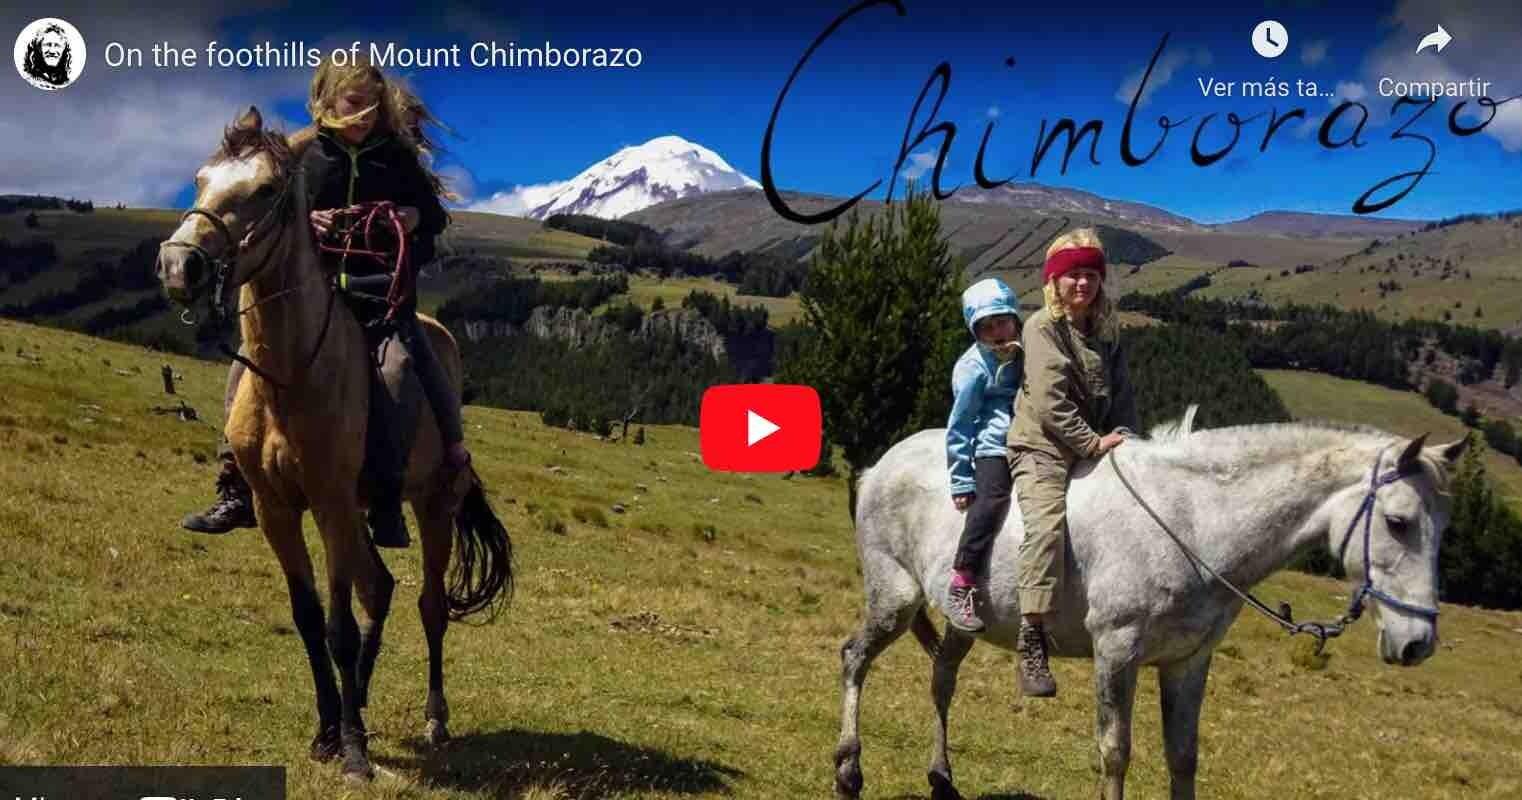 VIDEO: Compraron un caballo y pasaron dos meses en el Chimborazo | Increíble familia nómadas alemanes